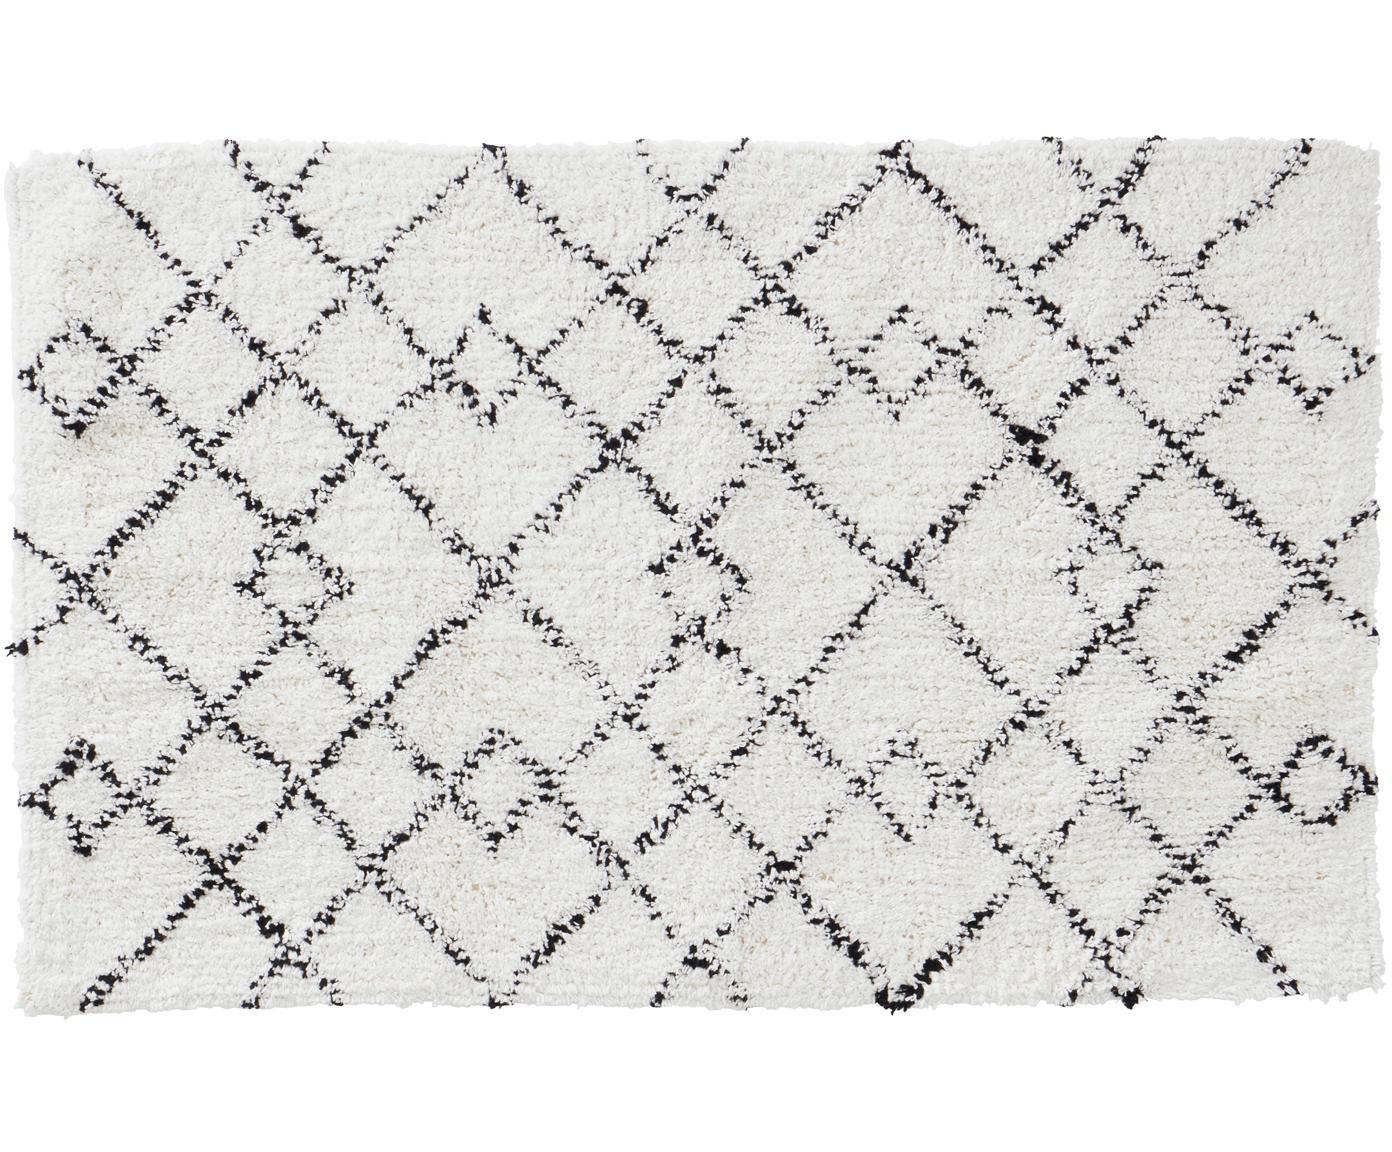 Dywanik łazienkowy Paola, Bawełna, Biały, czarny, S 50 x D 80 cm